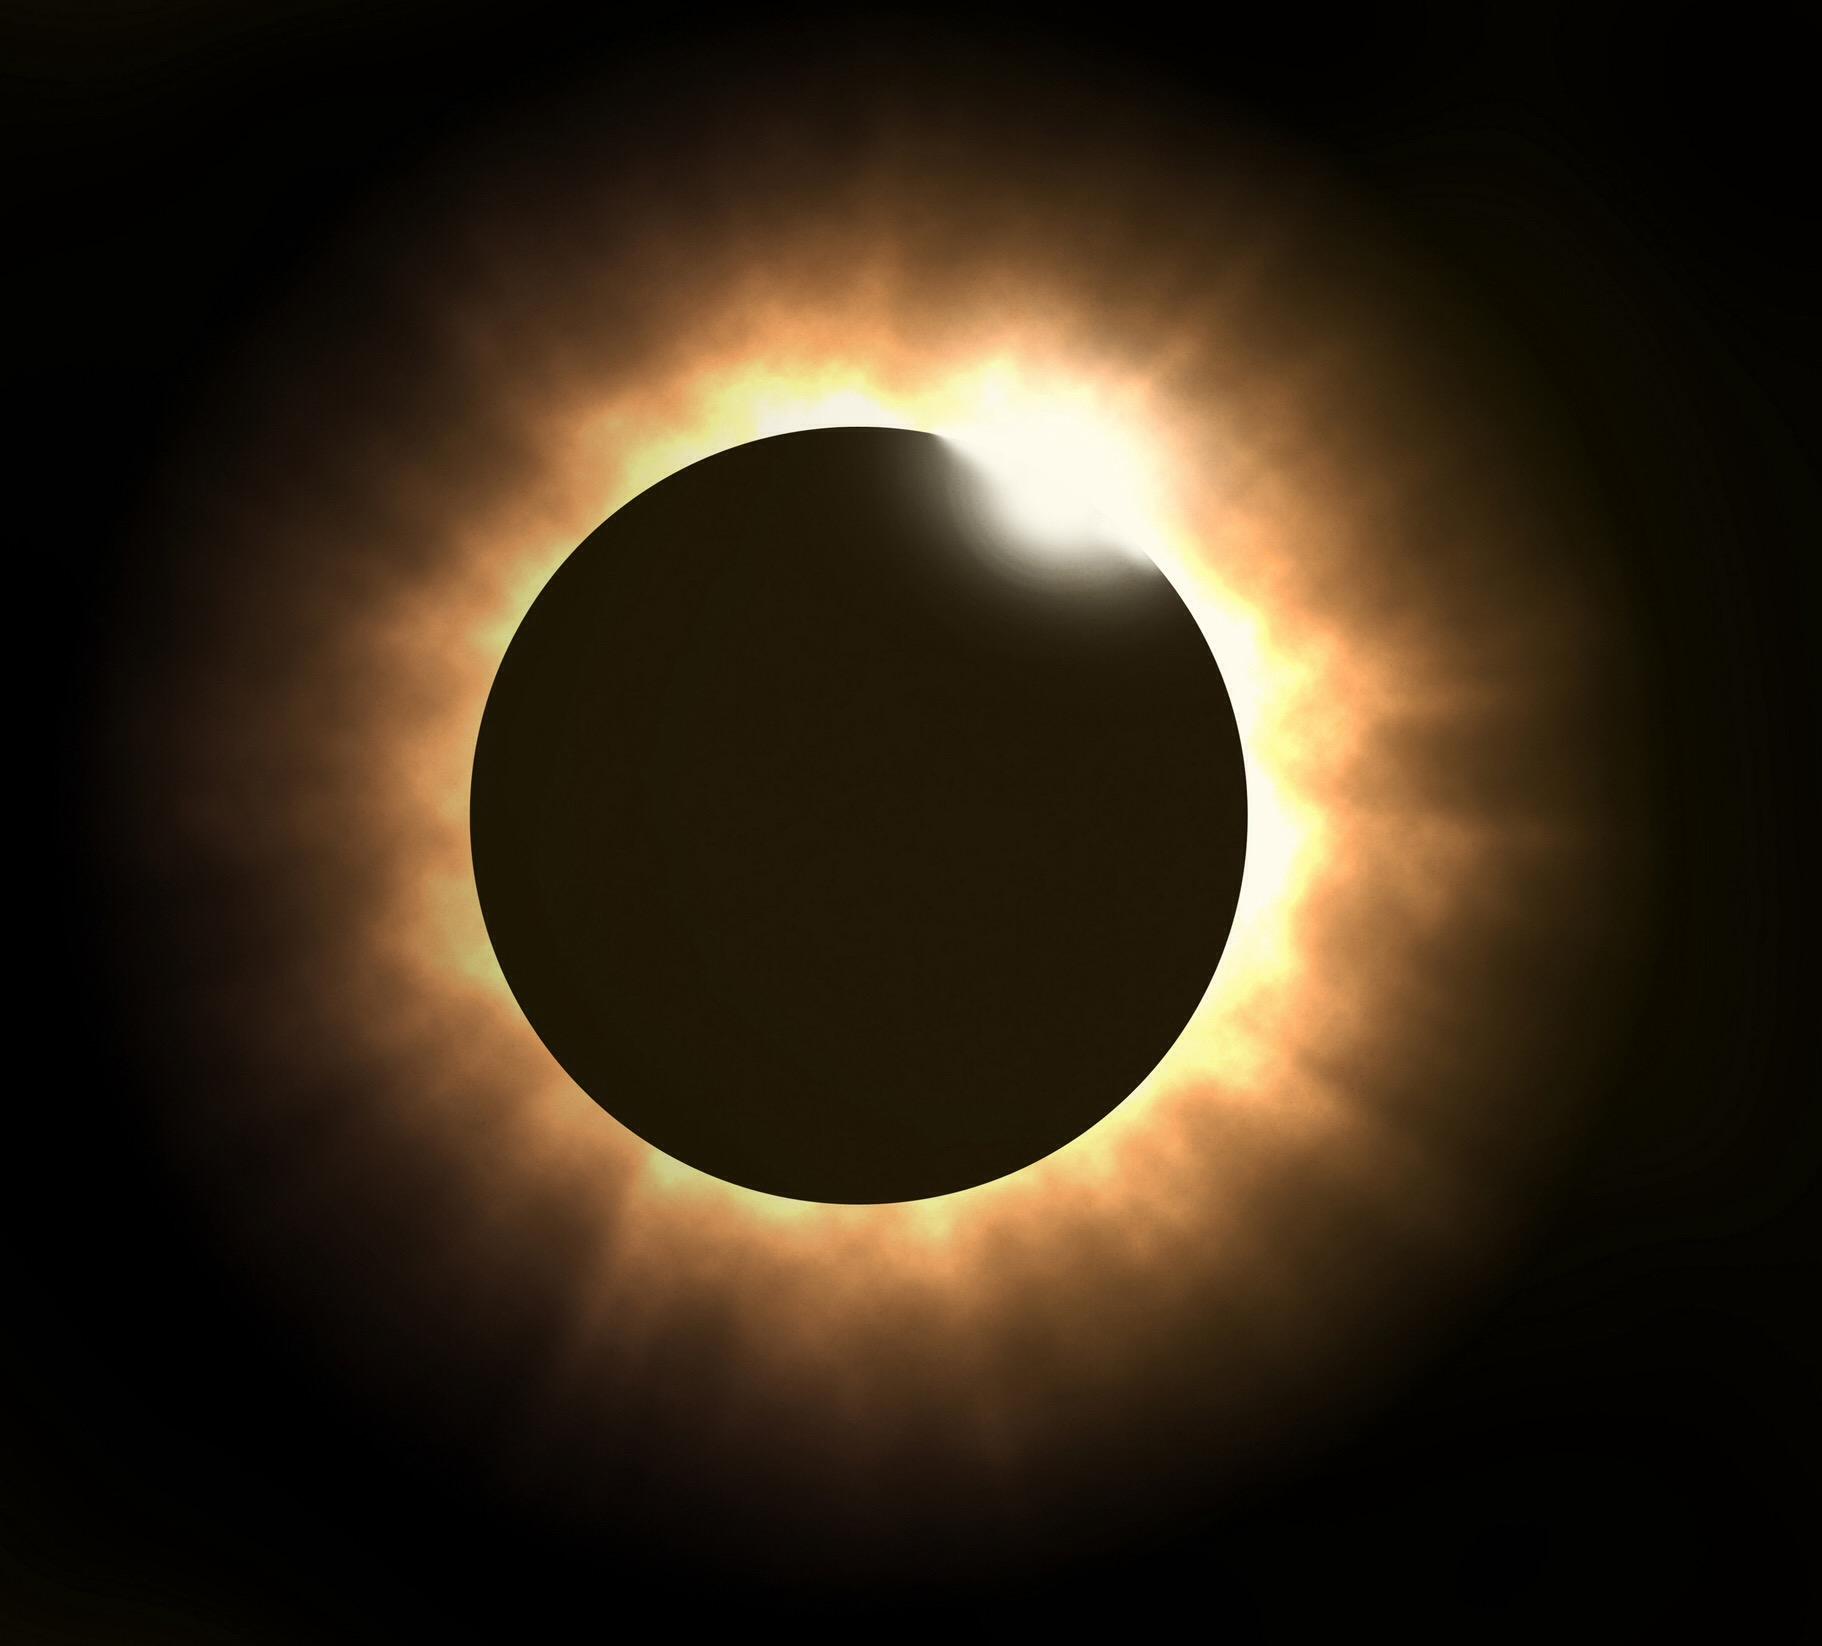 luna-nuova-eclissi-di-sole-pesci